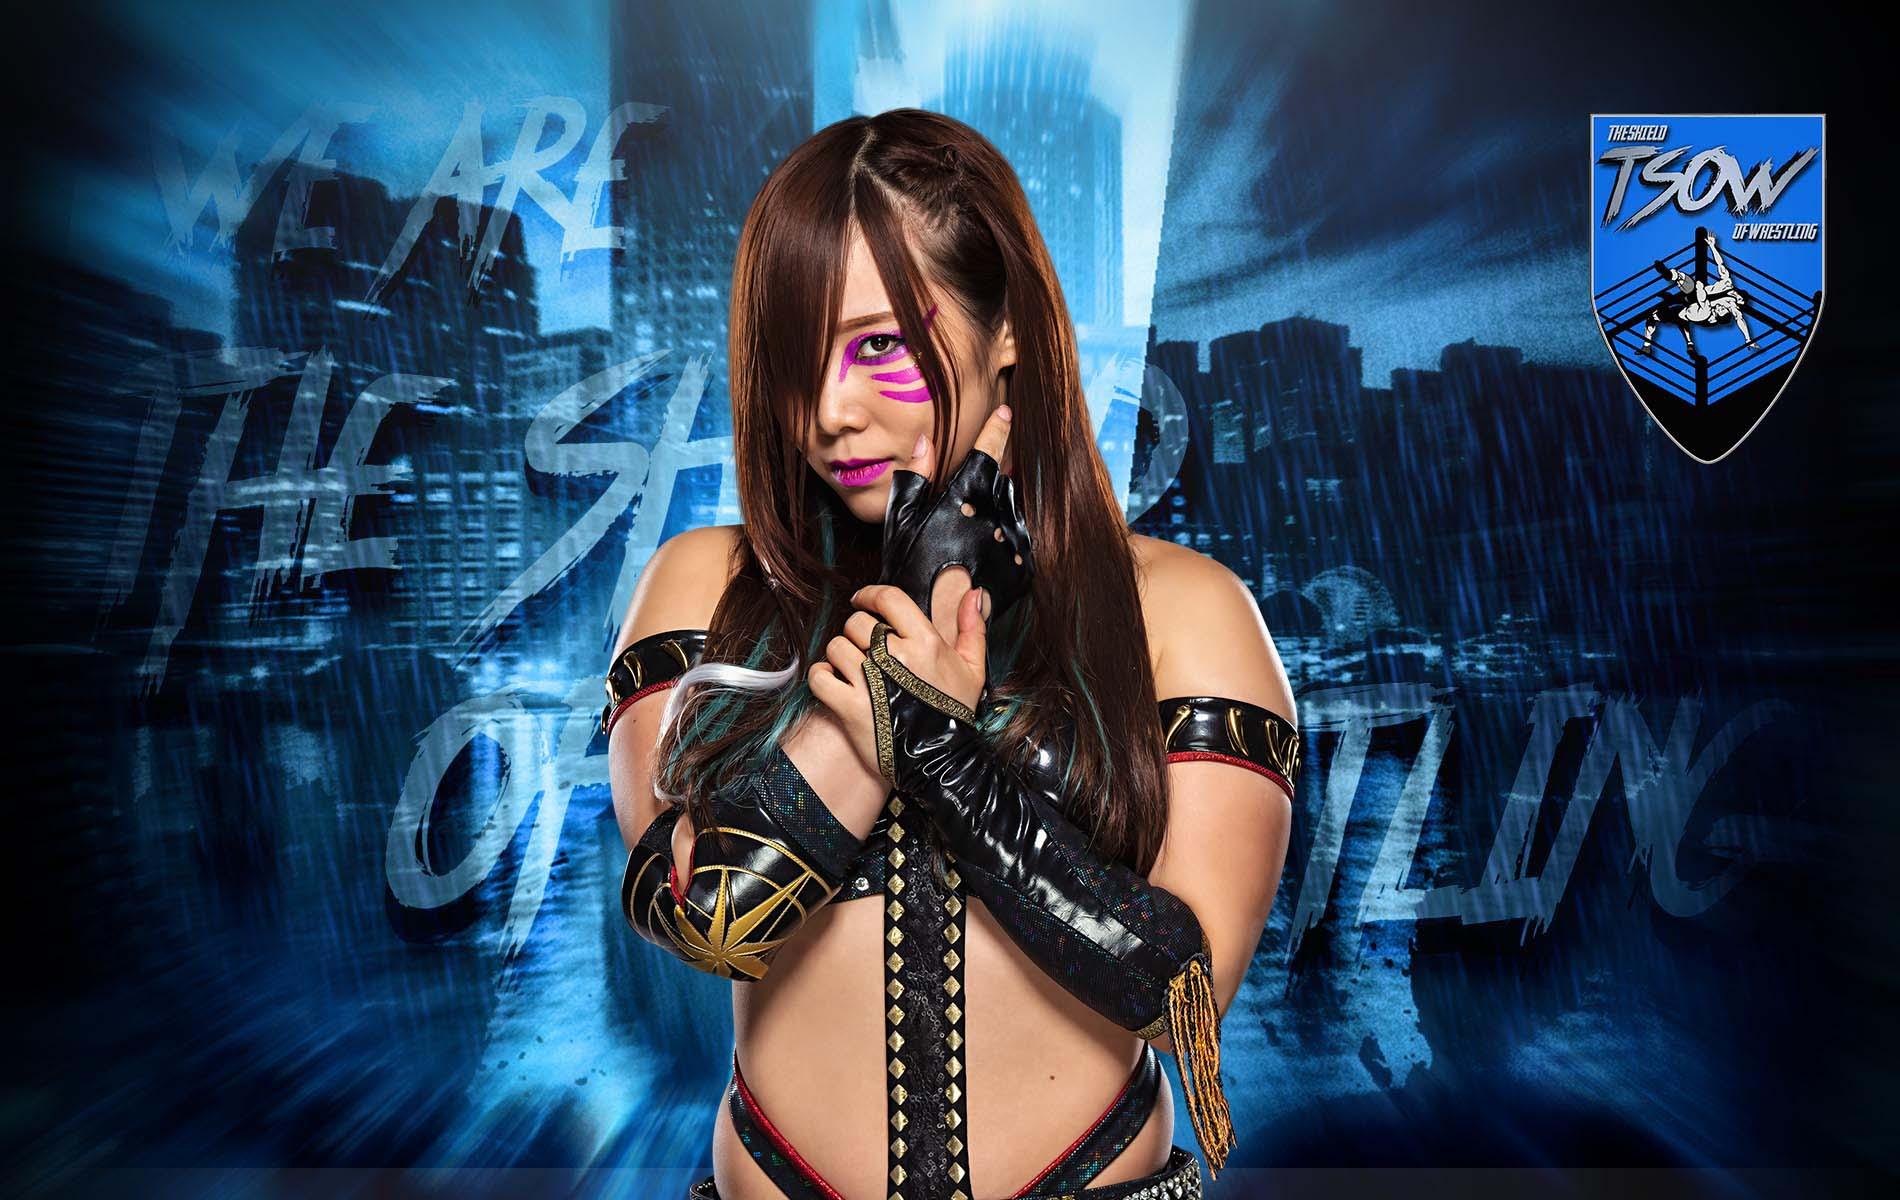 Kairi Sane smentisce le parole sul periodo in WWE riportate a suo nome